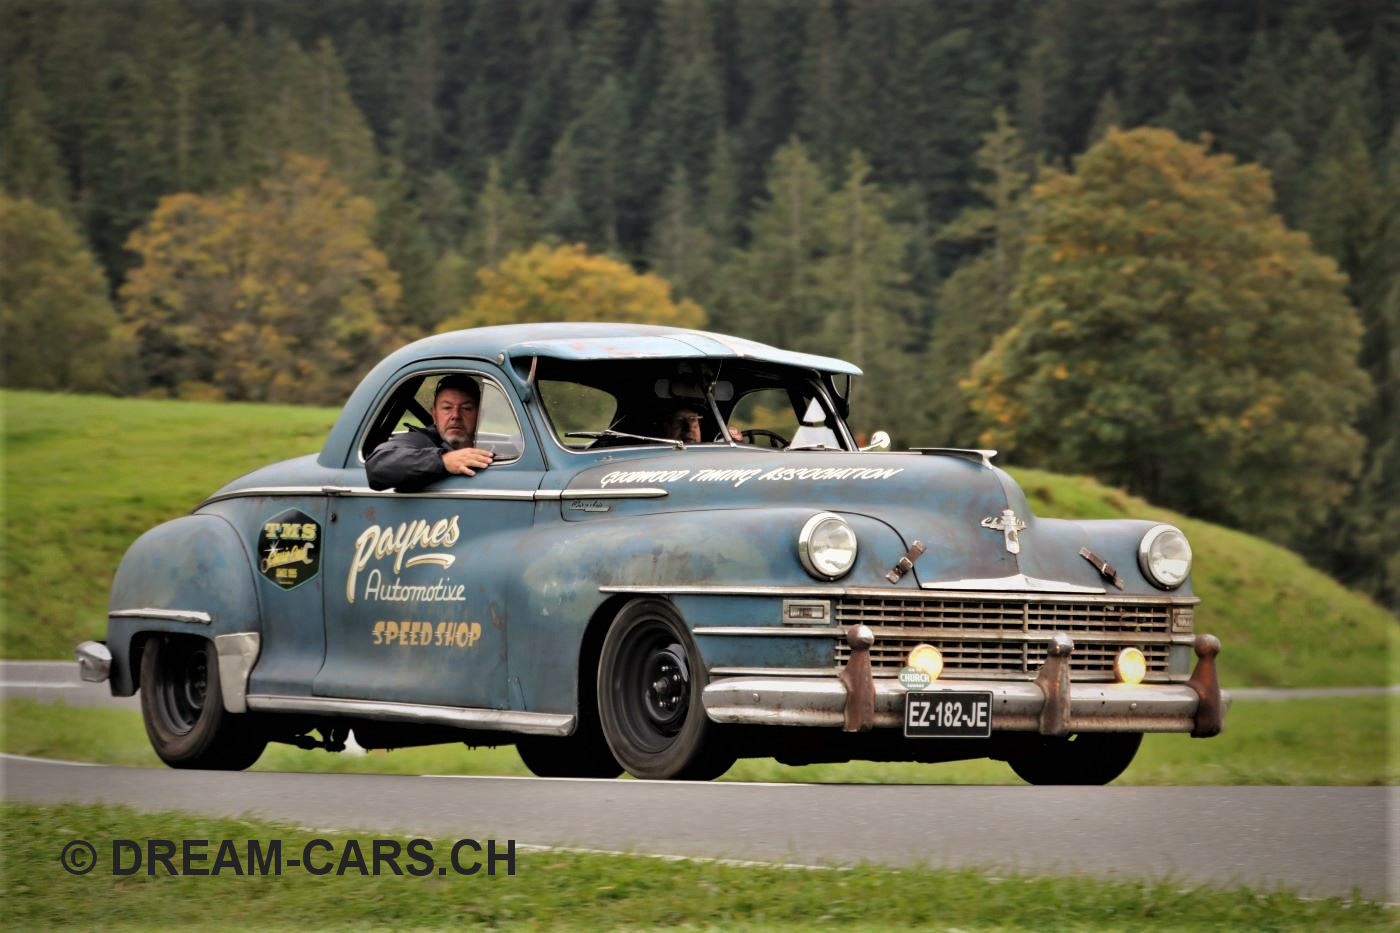 Mit diesem coolen Chrysler war die Rennleitung unterwegs.